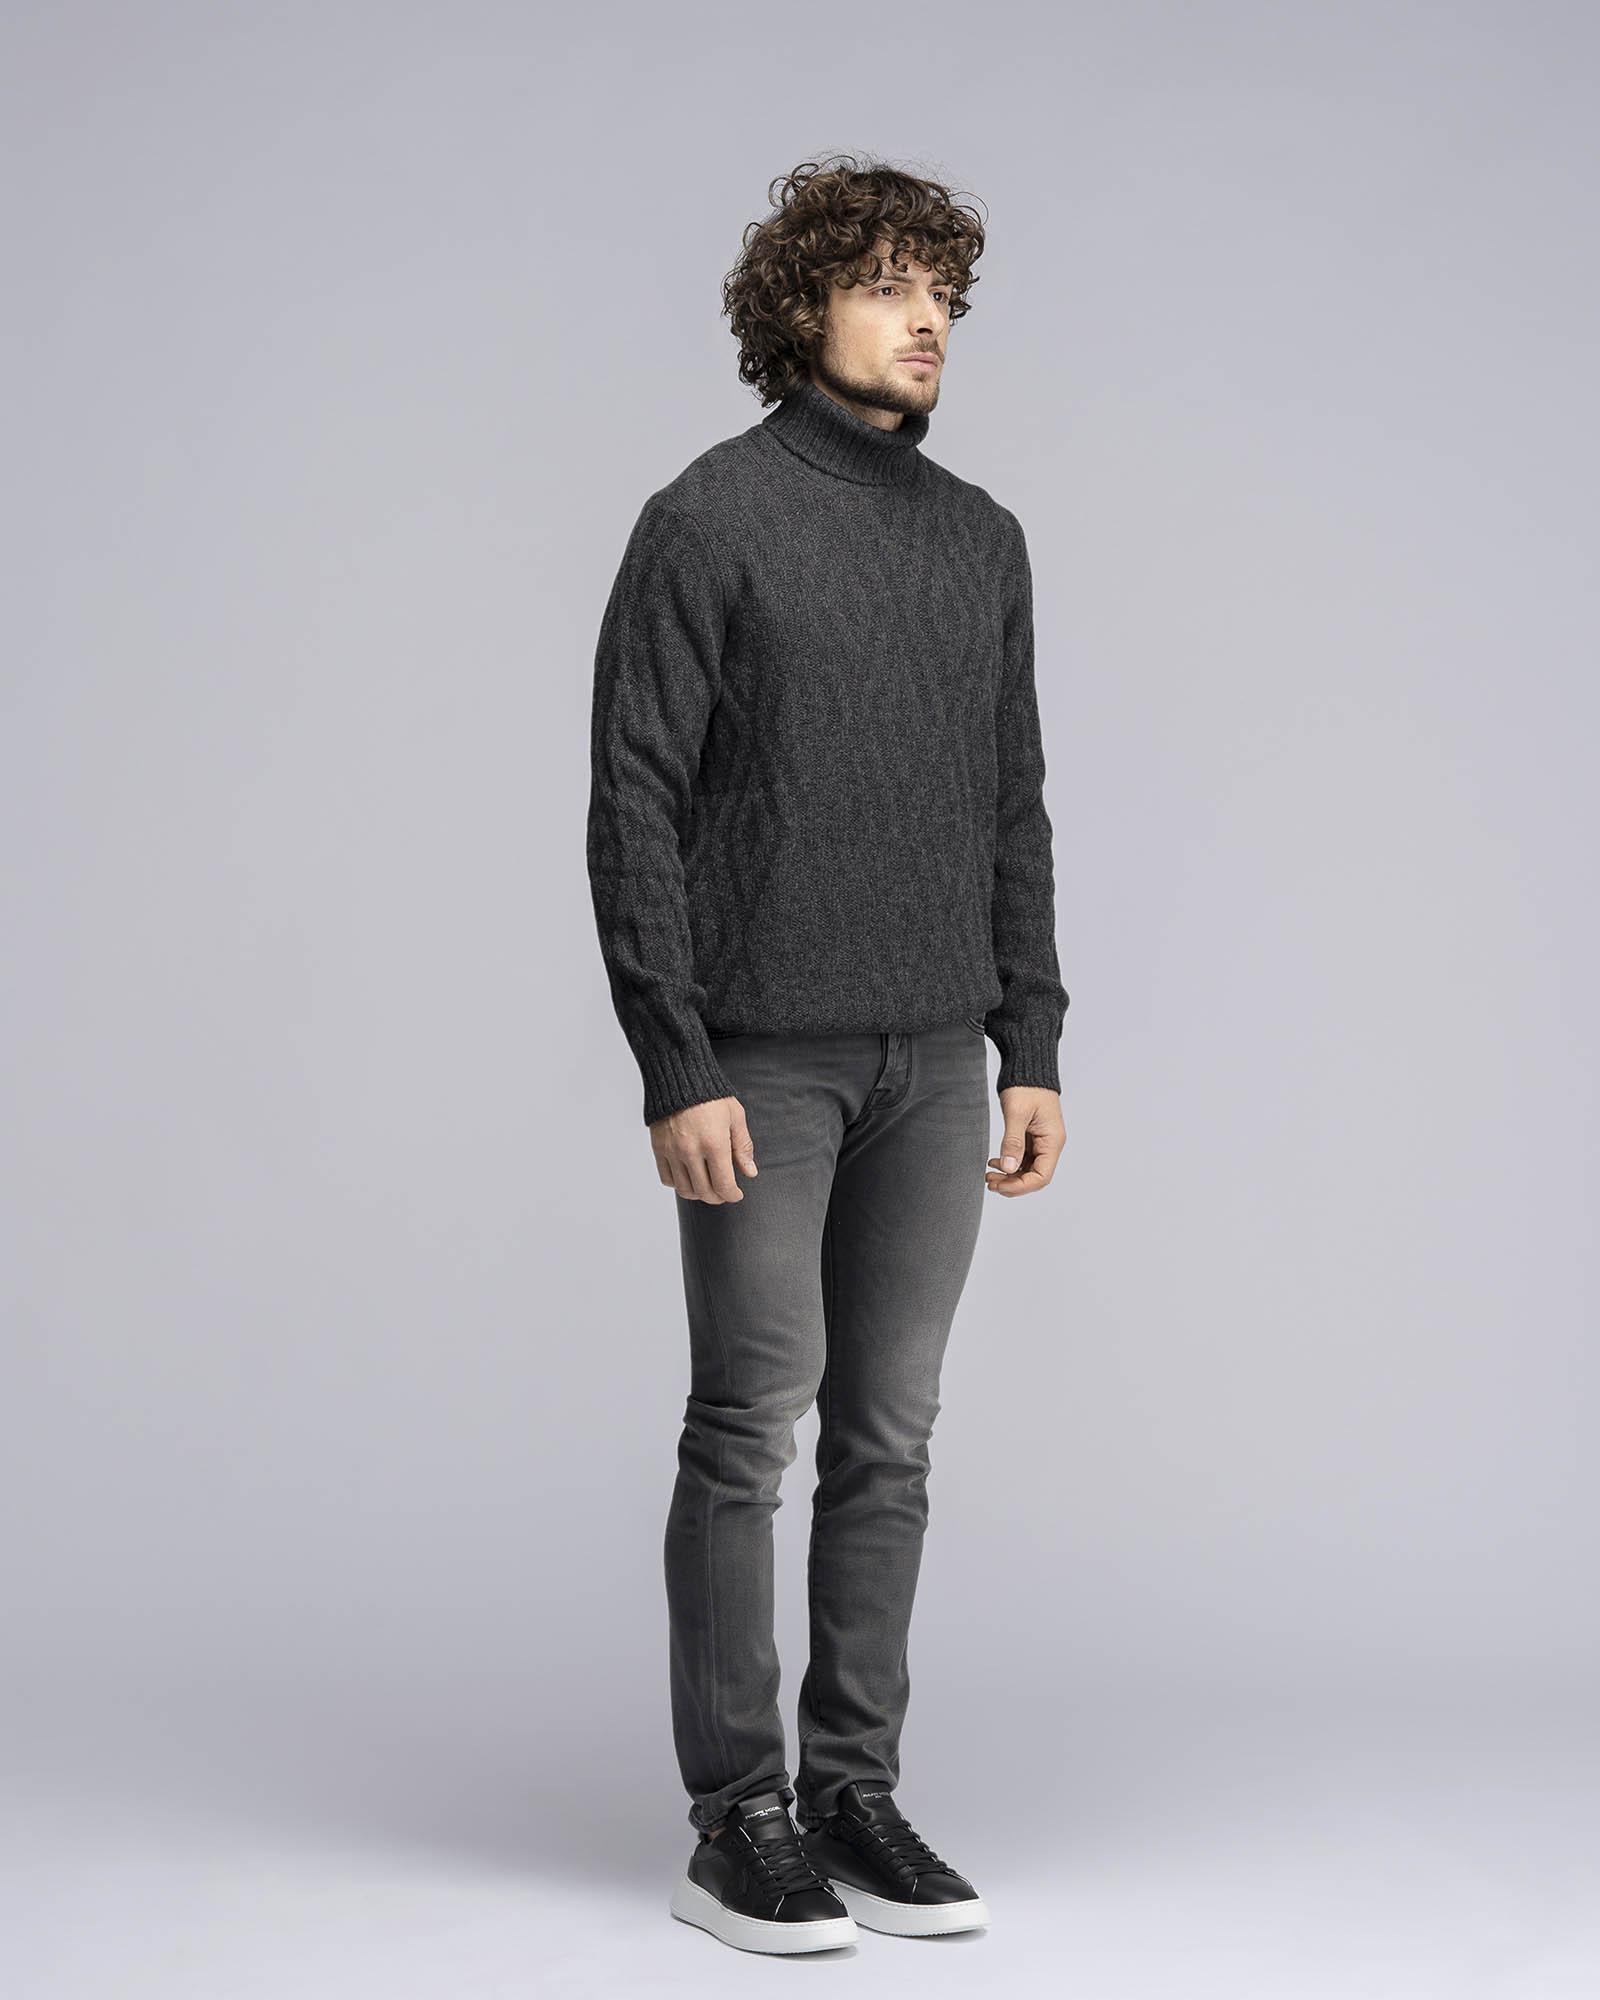 Maglione a collo alto in pura lana